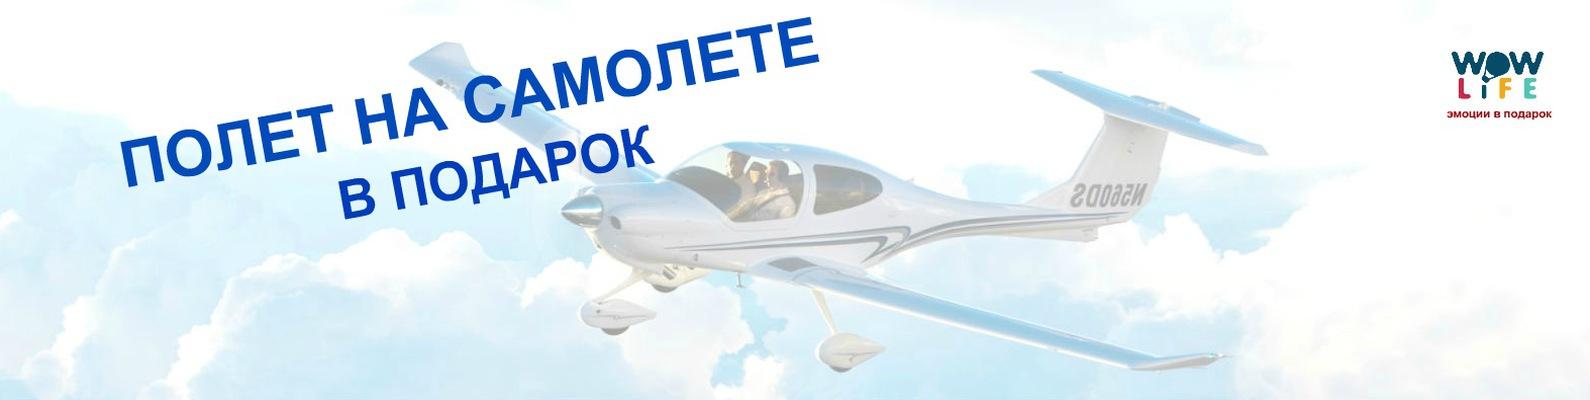 эксперты помогут полеты в подарок спб предложения карте